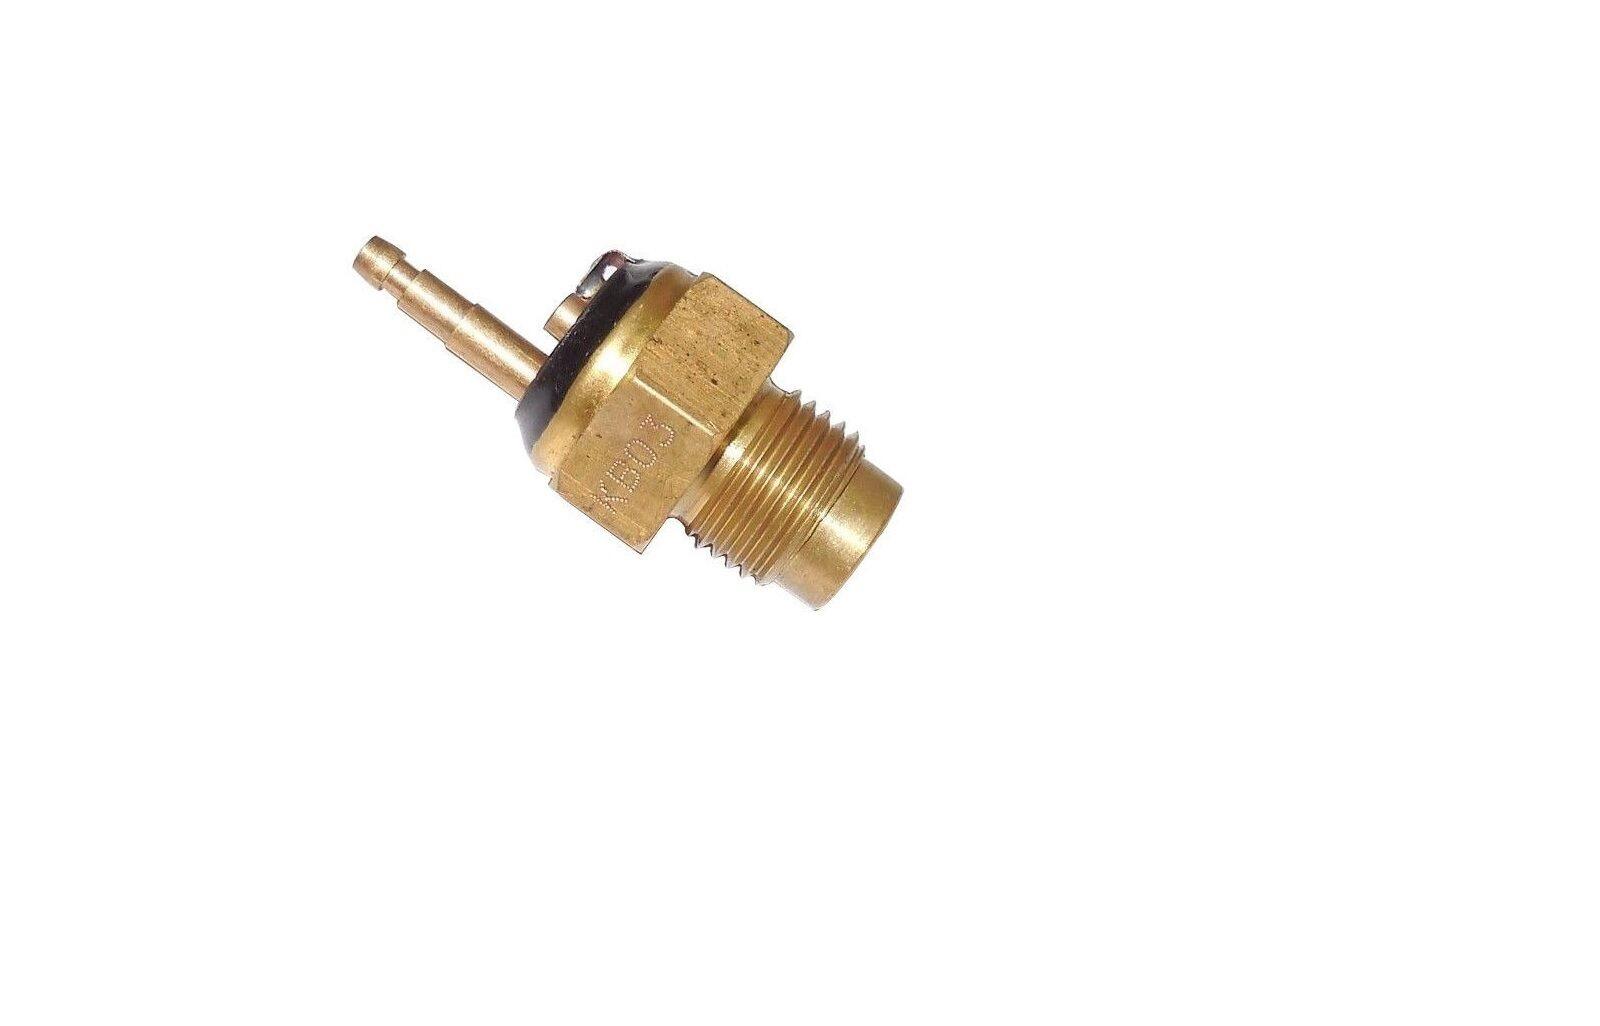 Engine Water Pump-Water Pump Gates fits 98-01 Infiniti Q45 4.1L-V8 Standard